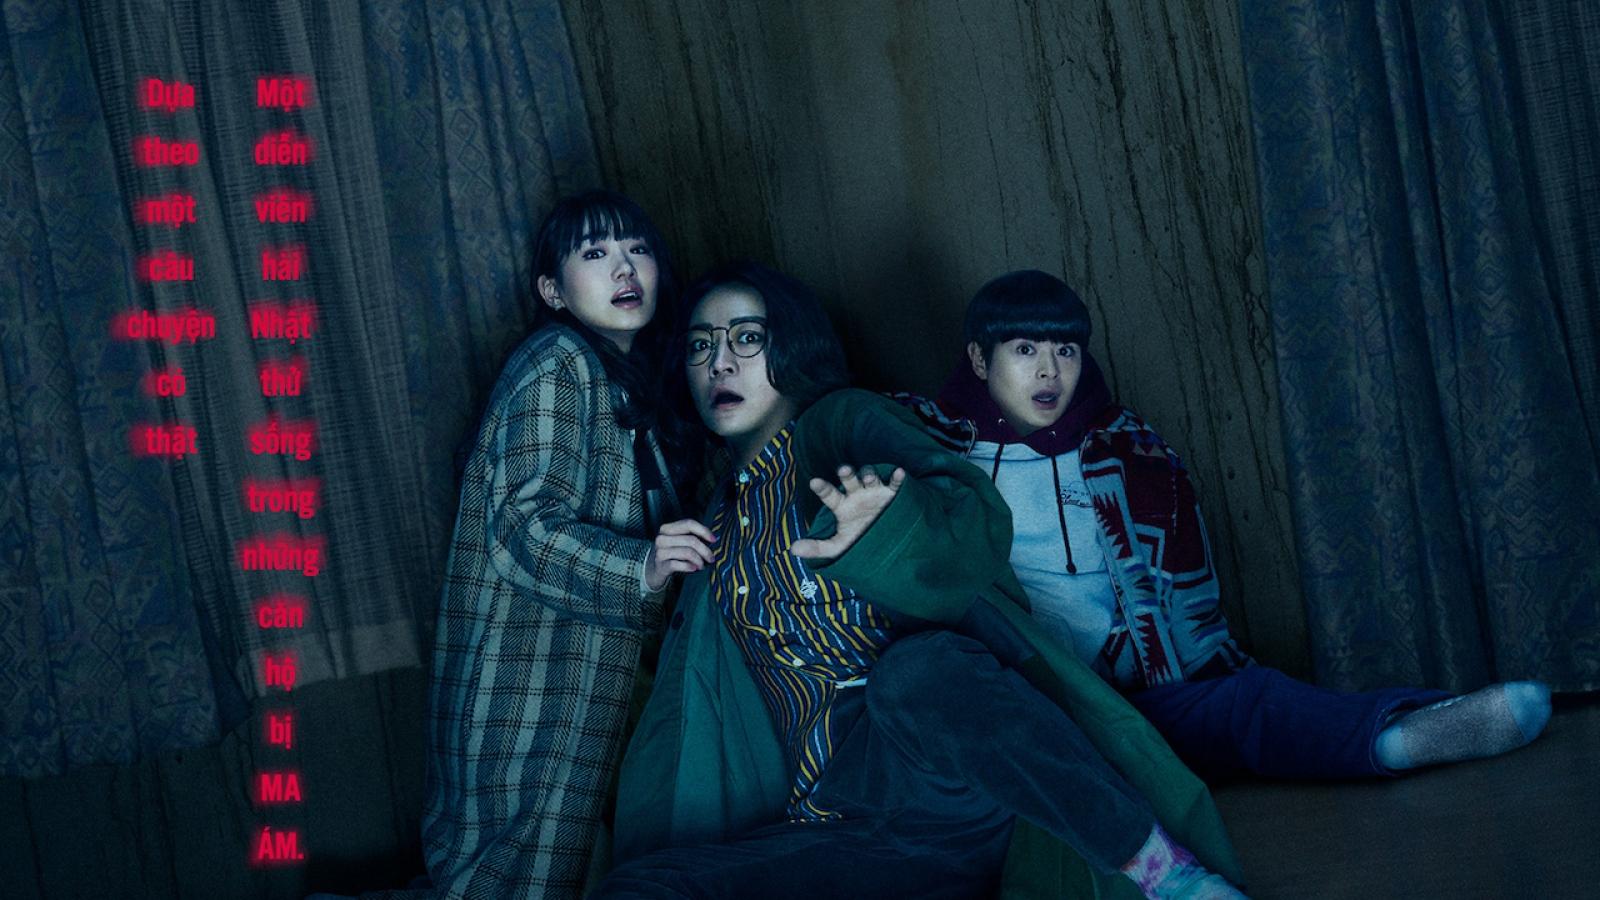 Phim kinh dị dẫn đầu doanh thu phòng vé Nhật Bản sắp được chiếu tại Việt Nam